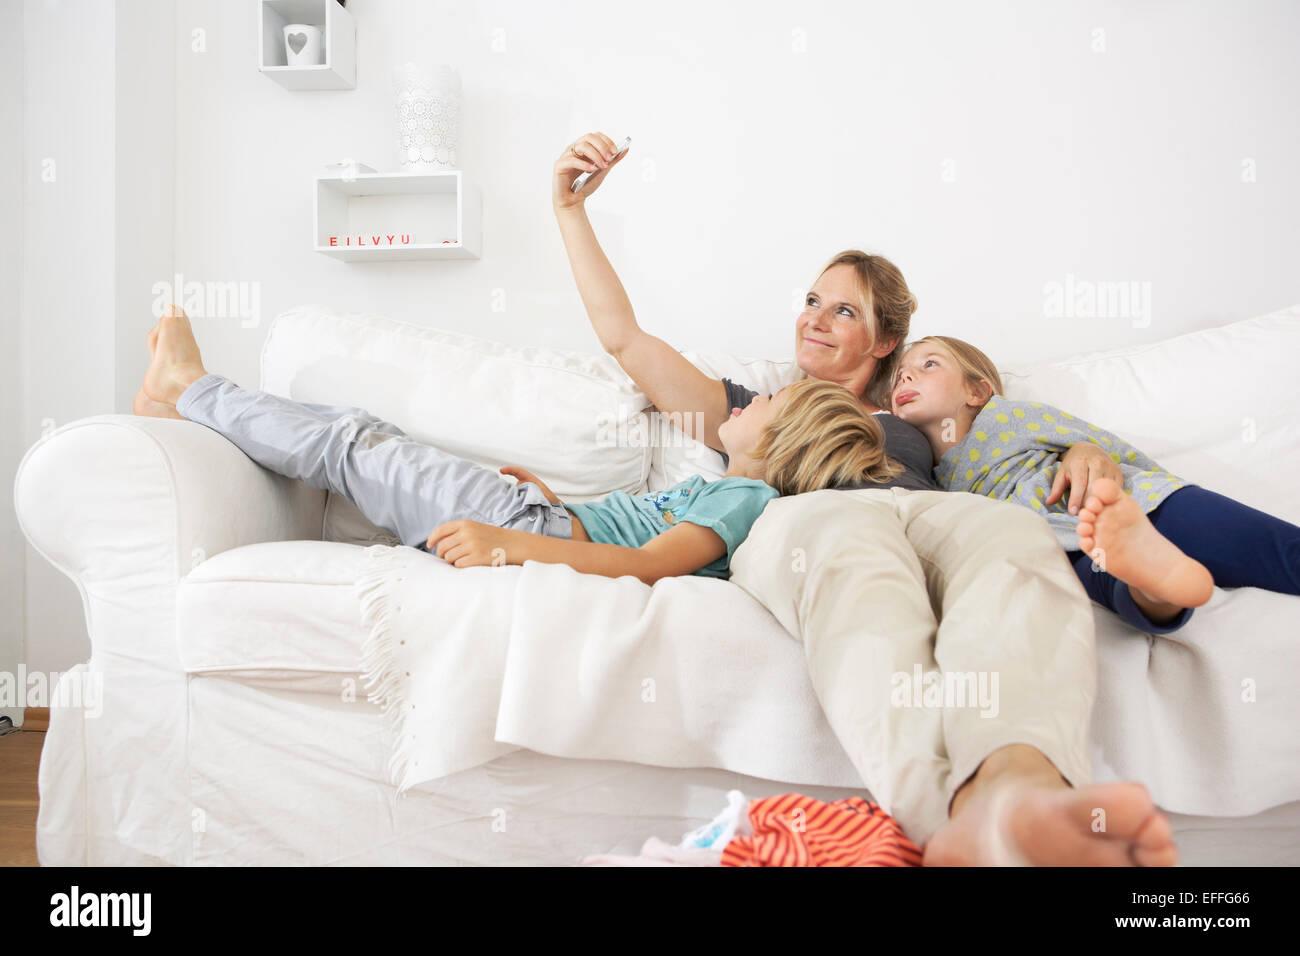 Madre, hija e hijo en el sofá tomando un selfie Imagen De Stock